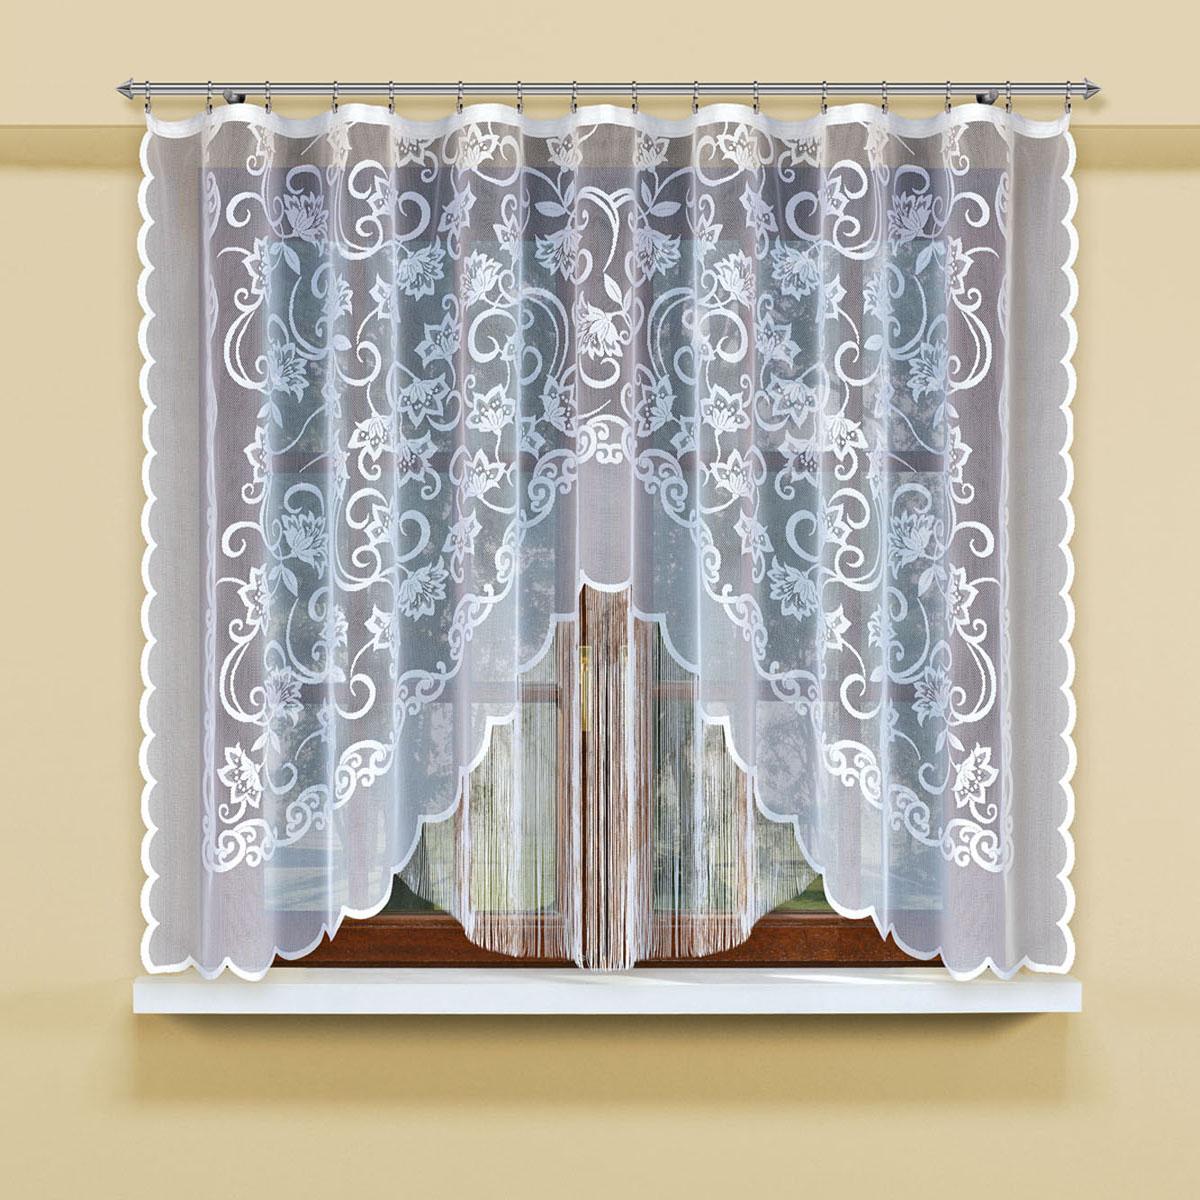 Гардина Haft, на ленте, цвет: белый, высота 160 см. 2070909925Гардина Haft, изготовленная из полиэстера, станет великолепным украшением любого окна. Тонкое плетение и оригинальный дизайн привлекут к себе внимание. Изделие органично впишется в интерьер. Гардина крепится на карниз при помощи ленты, которая поможет красиво и равномерно задрапировать верх.